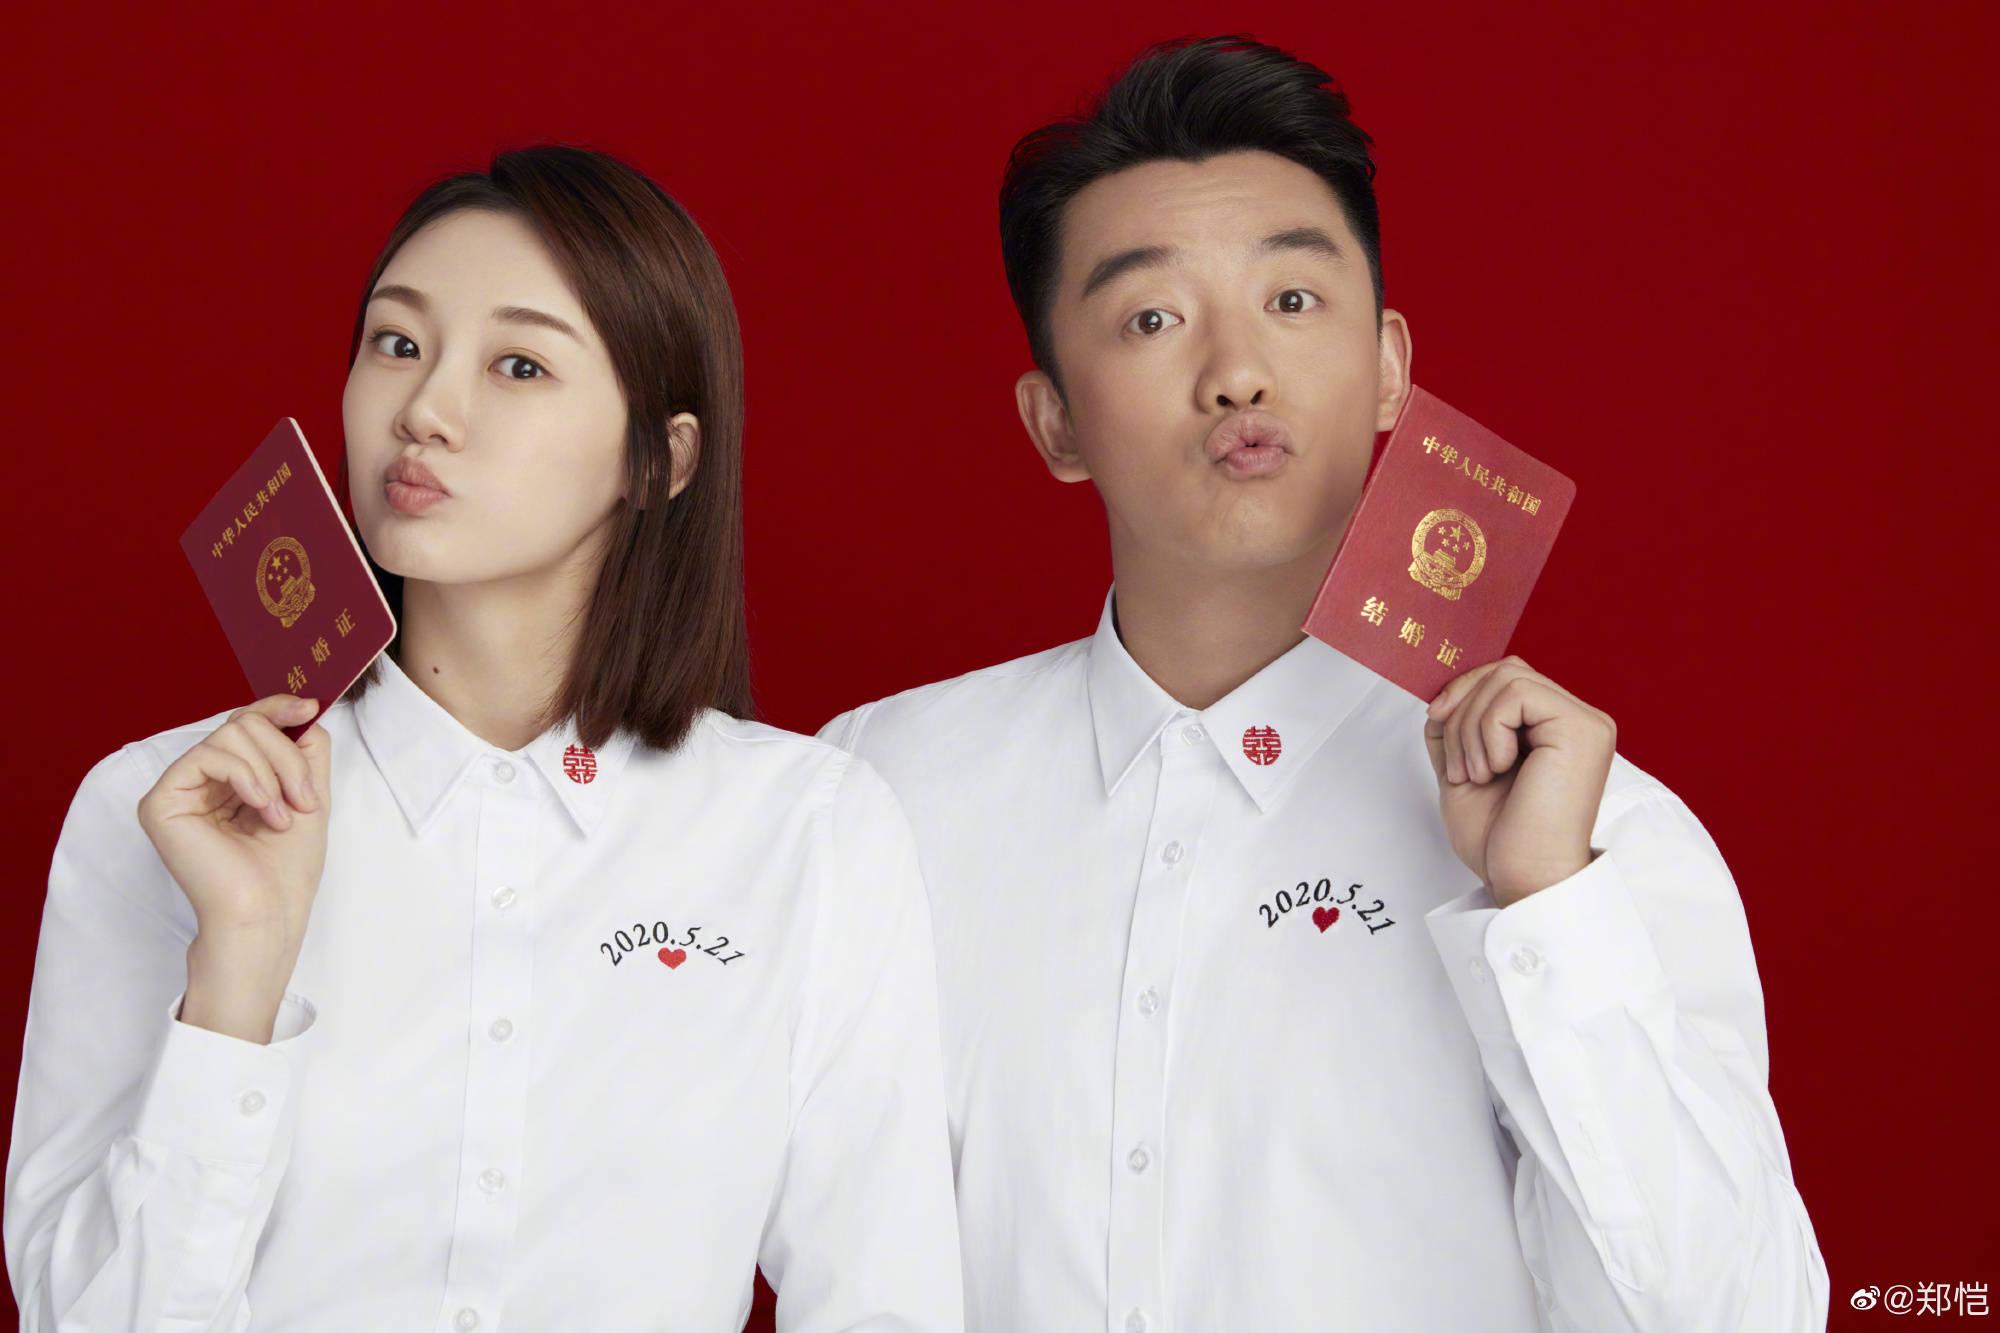 郑恺苗苗双双发博官宣结婚 魏晨成为评论区榜首,又一对娱乐圈新人卡点1314图片